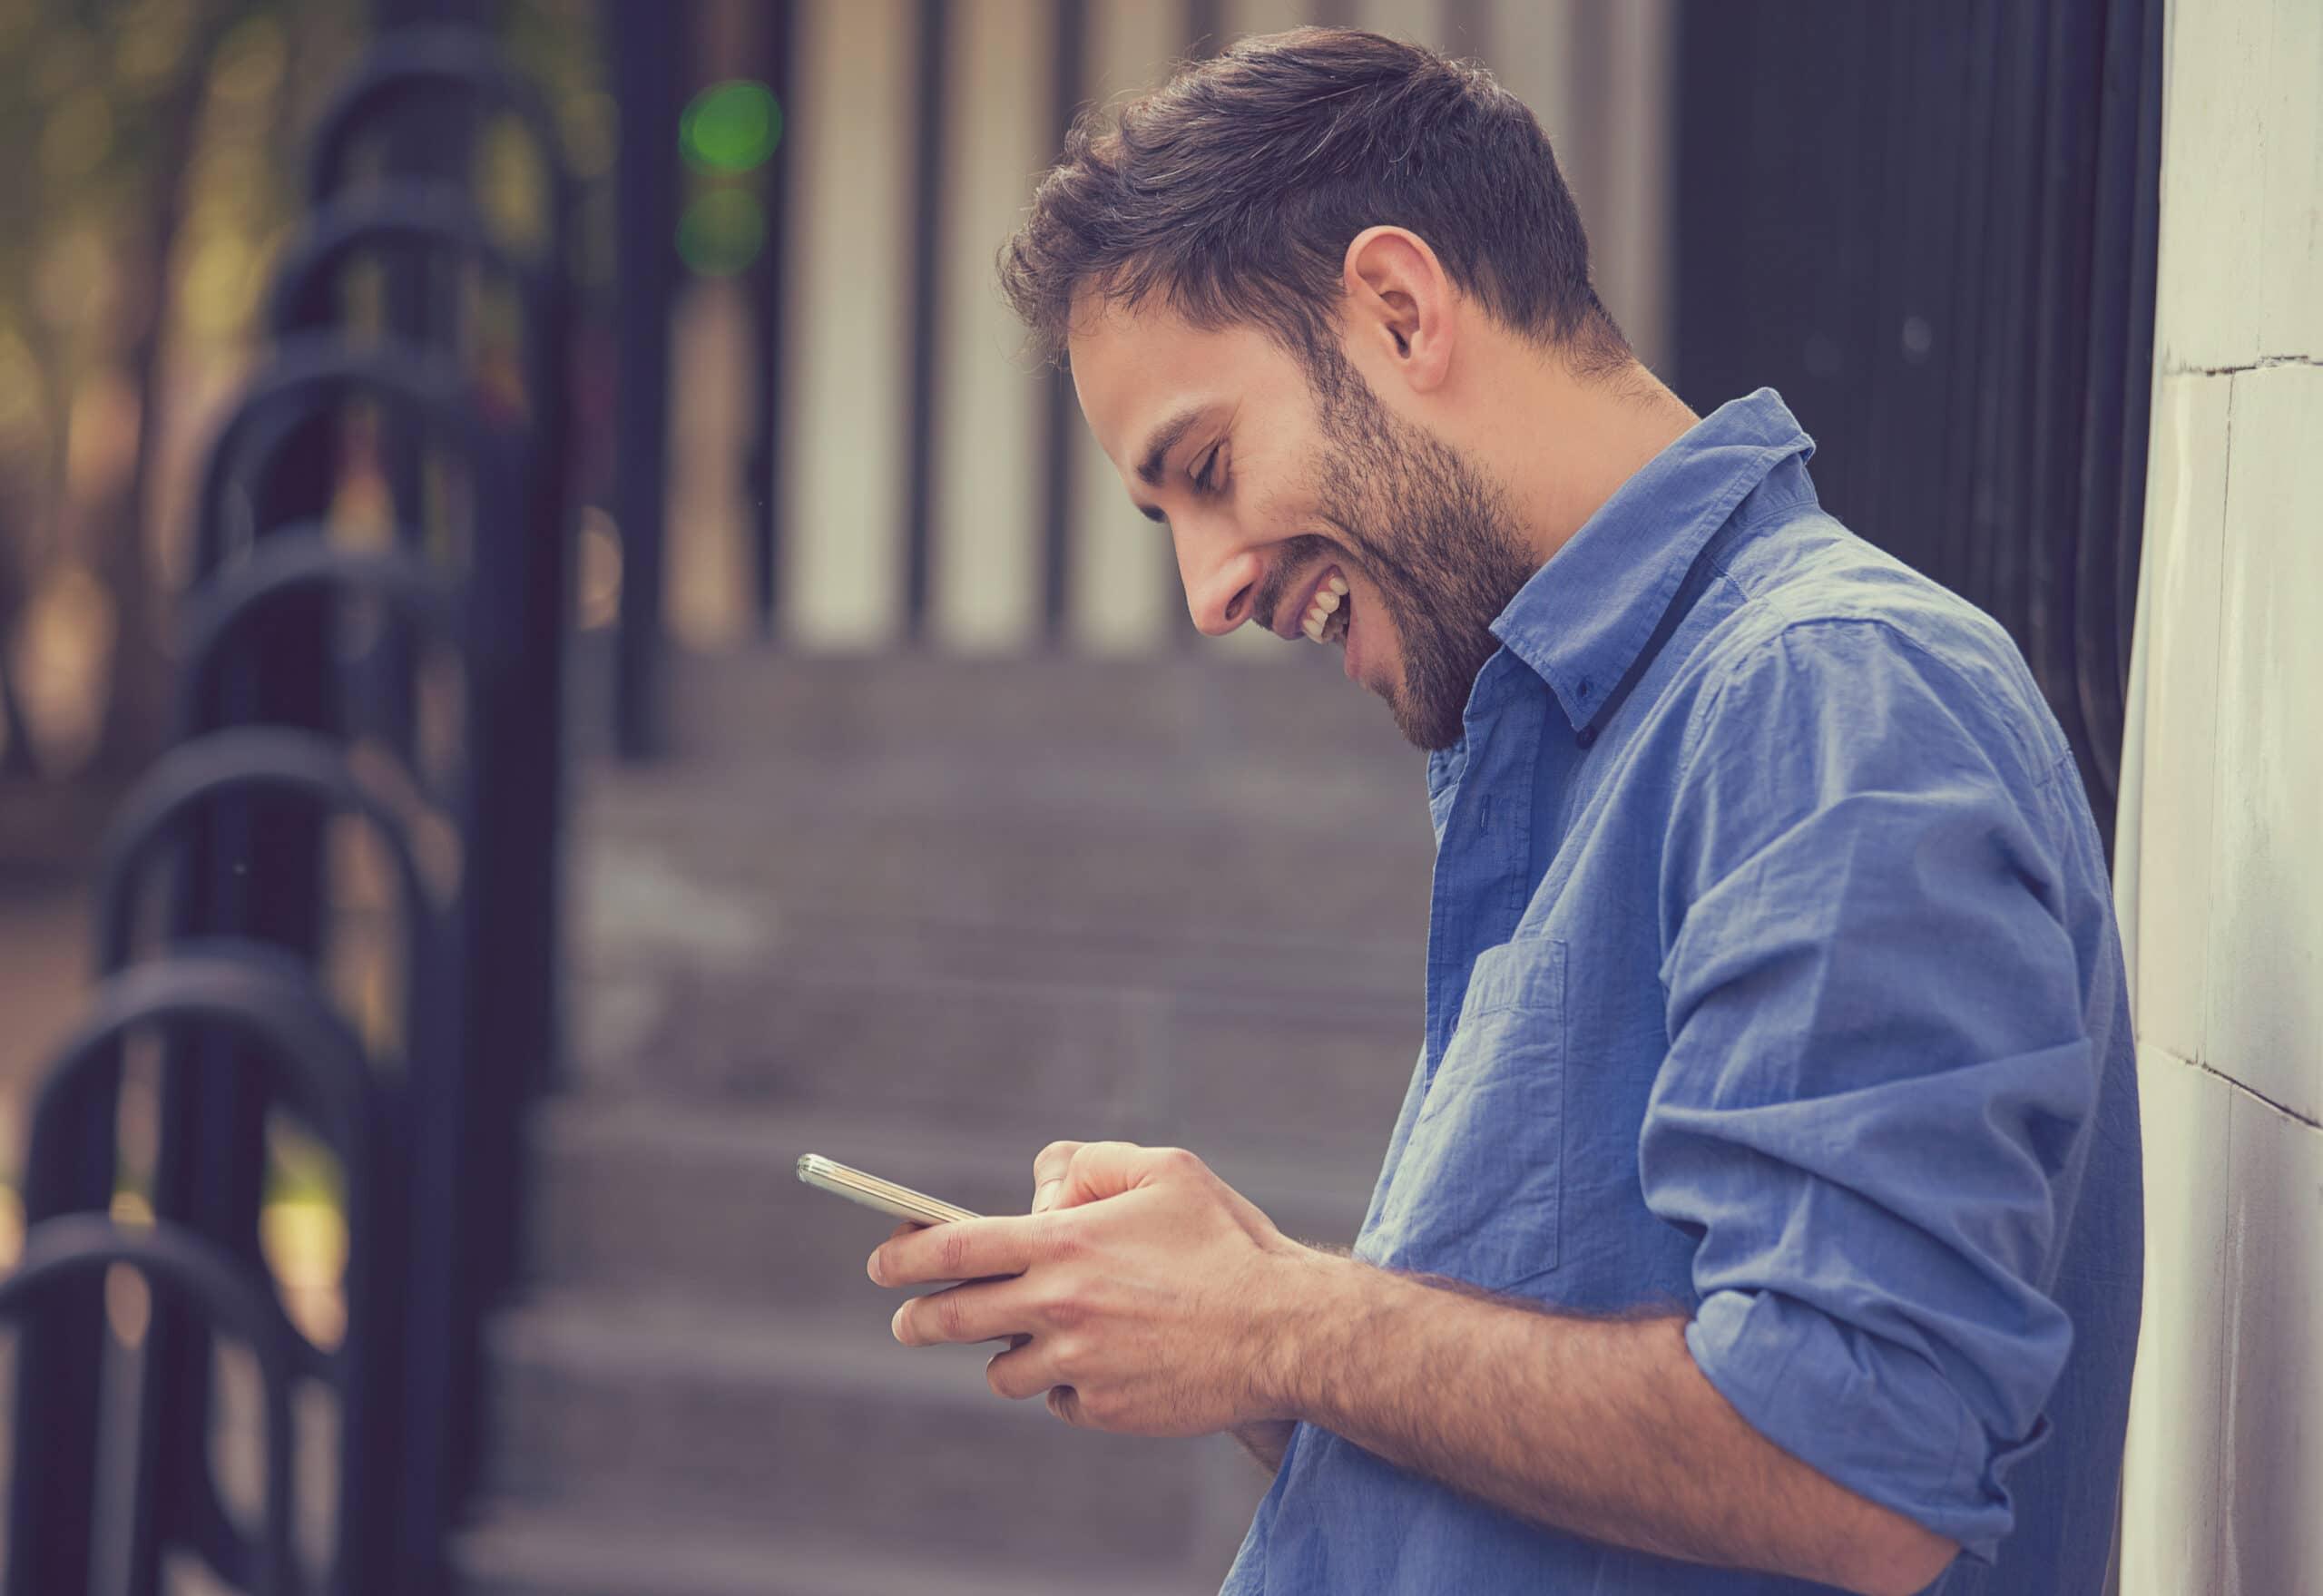 Somen parhaar yrittäjäyhteisöt. Mies selaa somea puhelimella.